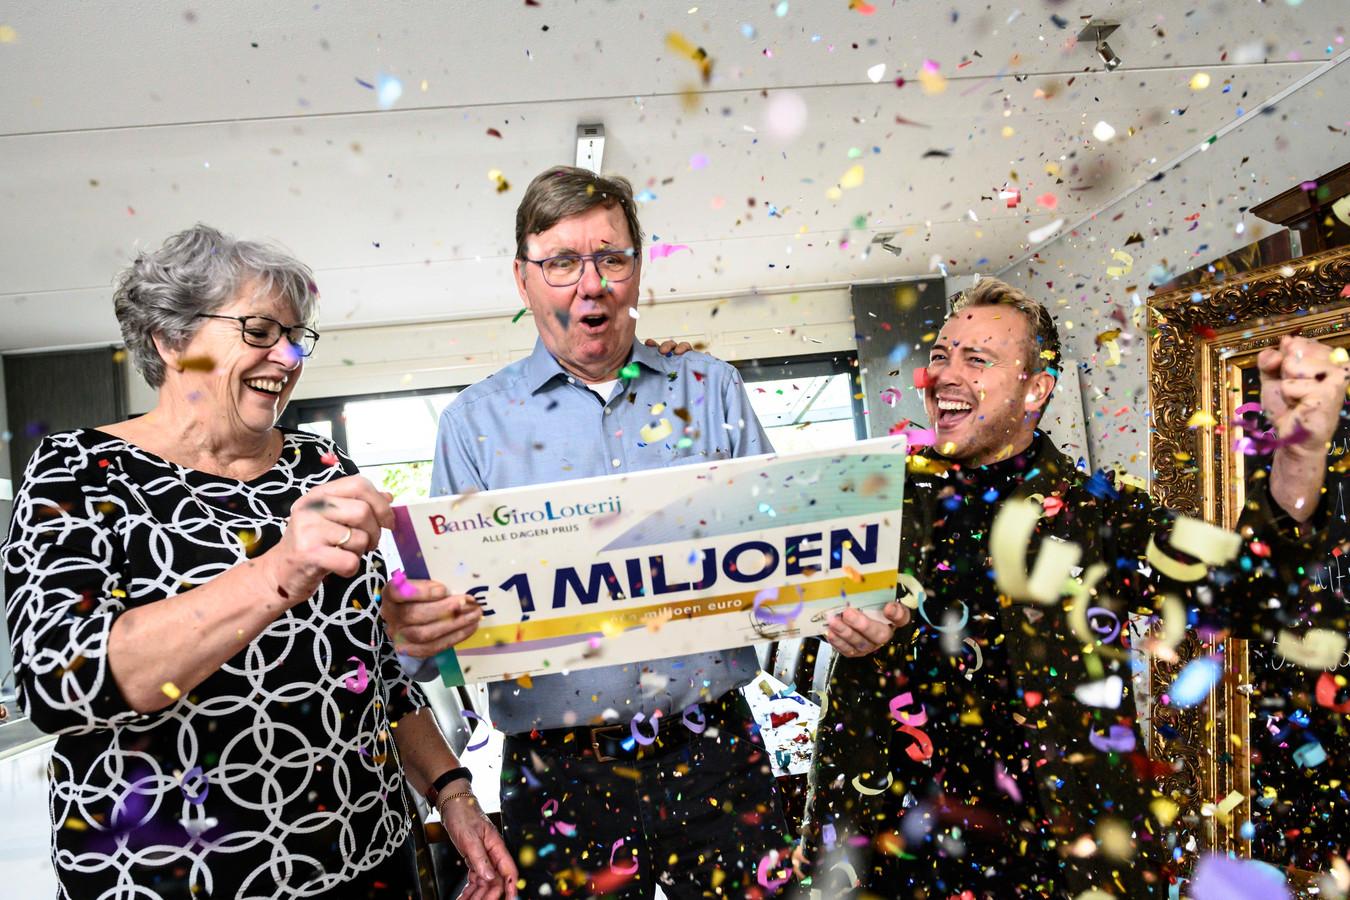 Ineke en Gerrit uit Rijen winnen 1 miljoen euro in BankGiro Loterij.